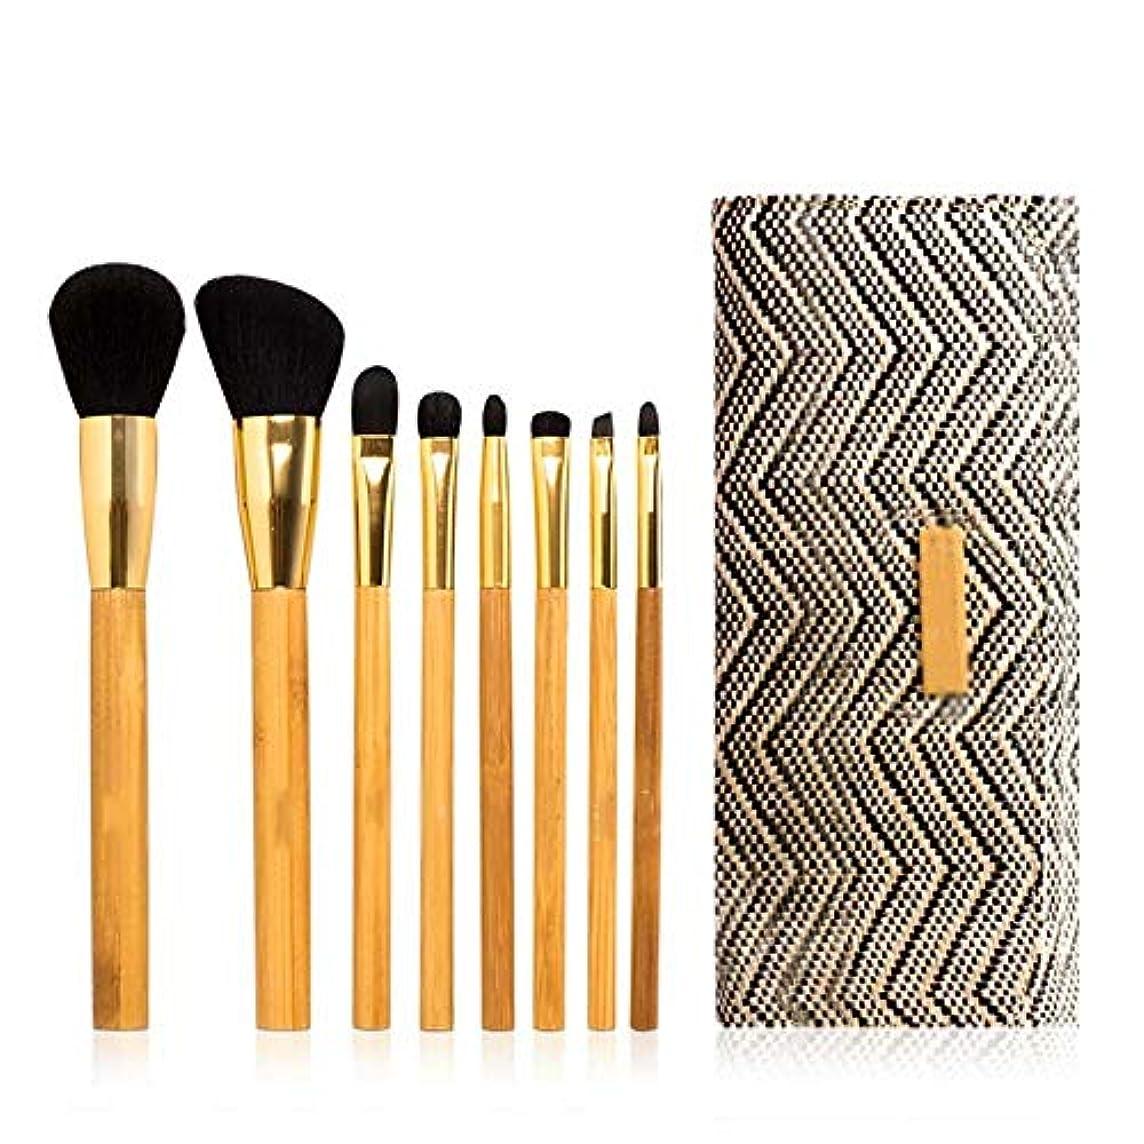 リクルート定期的なアセメーキャップアーティストスペシャルブラシ8本竹セットブラシ化粧ブラシファンデーションブラシアイシャドウブラシ